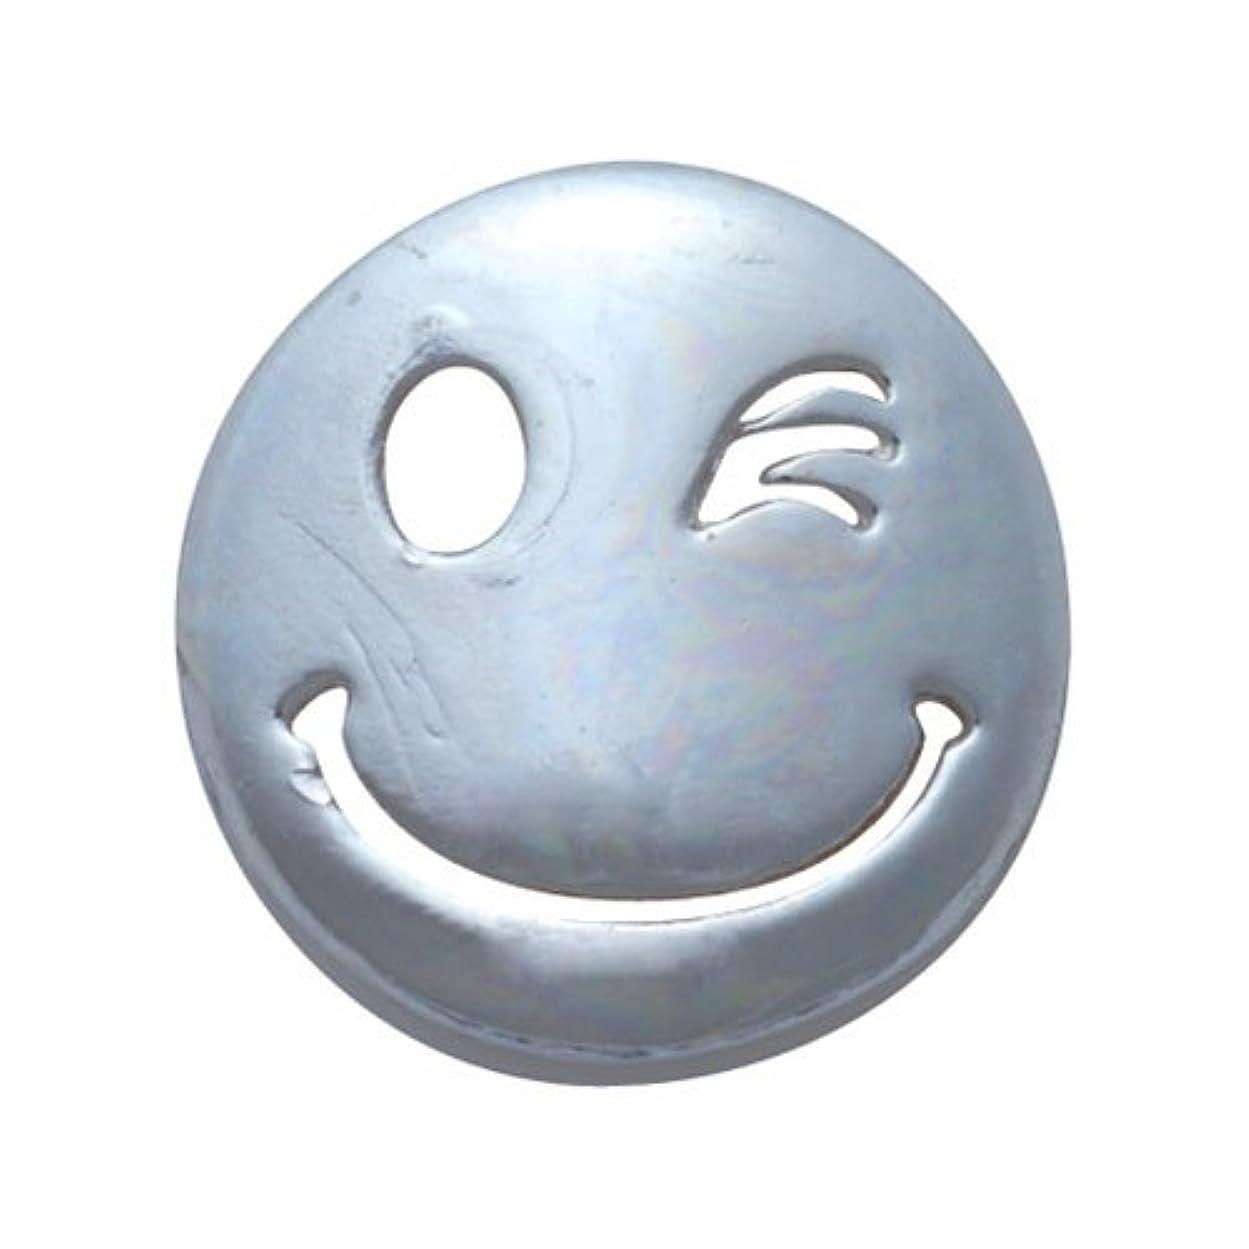 専門化するロック解除池プリティーネイル ネイルアートパーツ にこちゃんウィンクL シルバー  2個